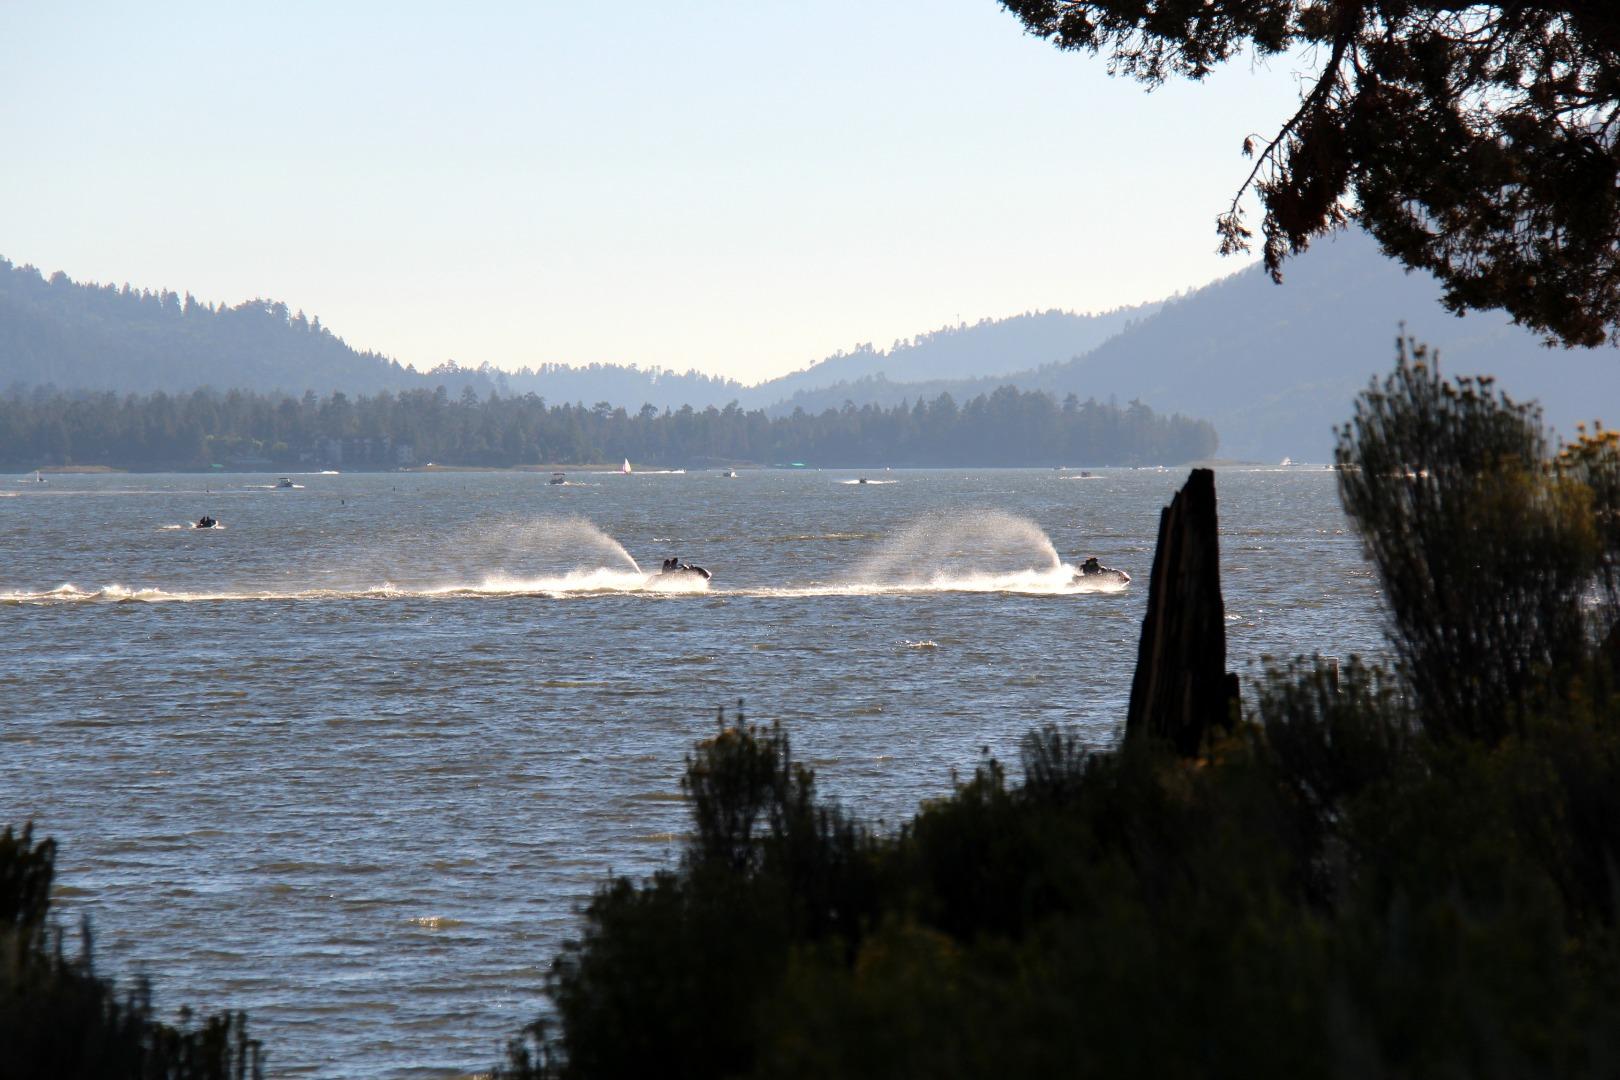 大熊湖城长住人口只有5千,每个周末的游客却有10万之众。是南加州排名第一的山区休闲地。